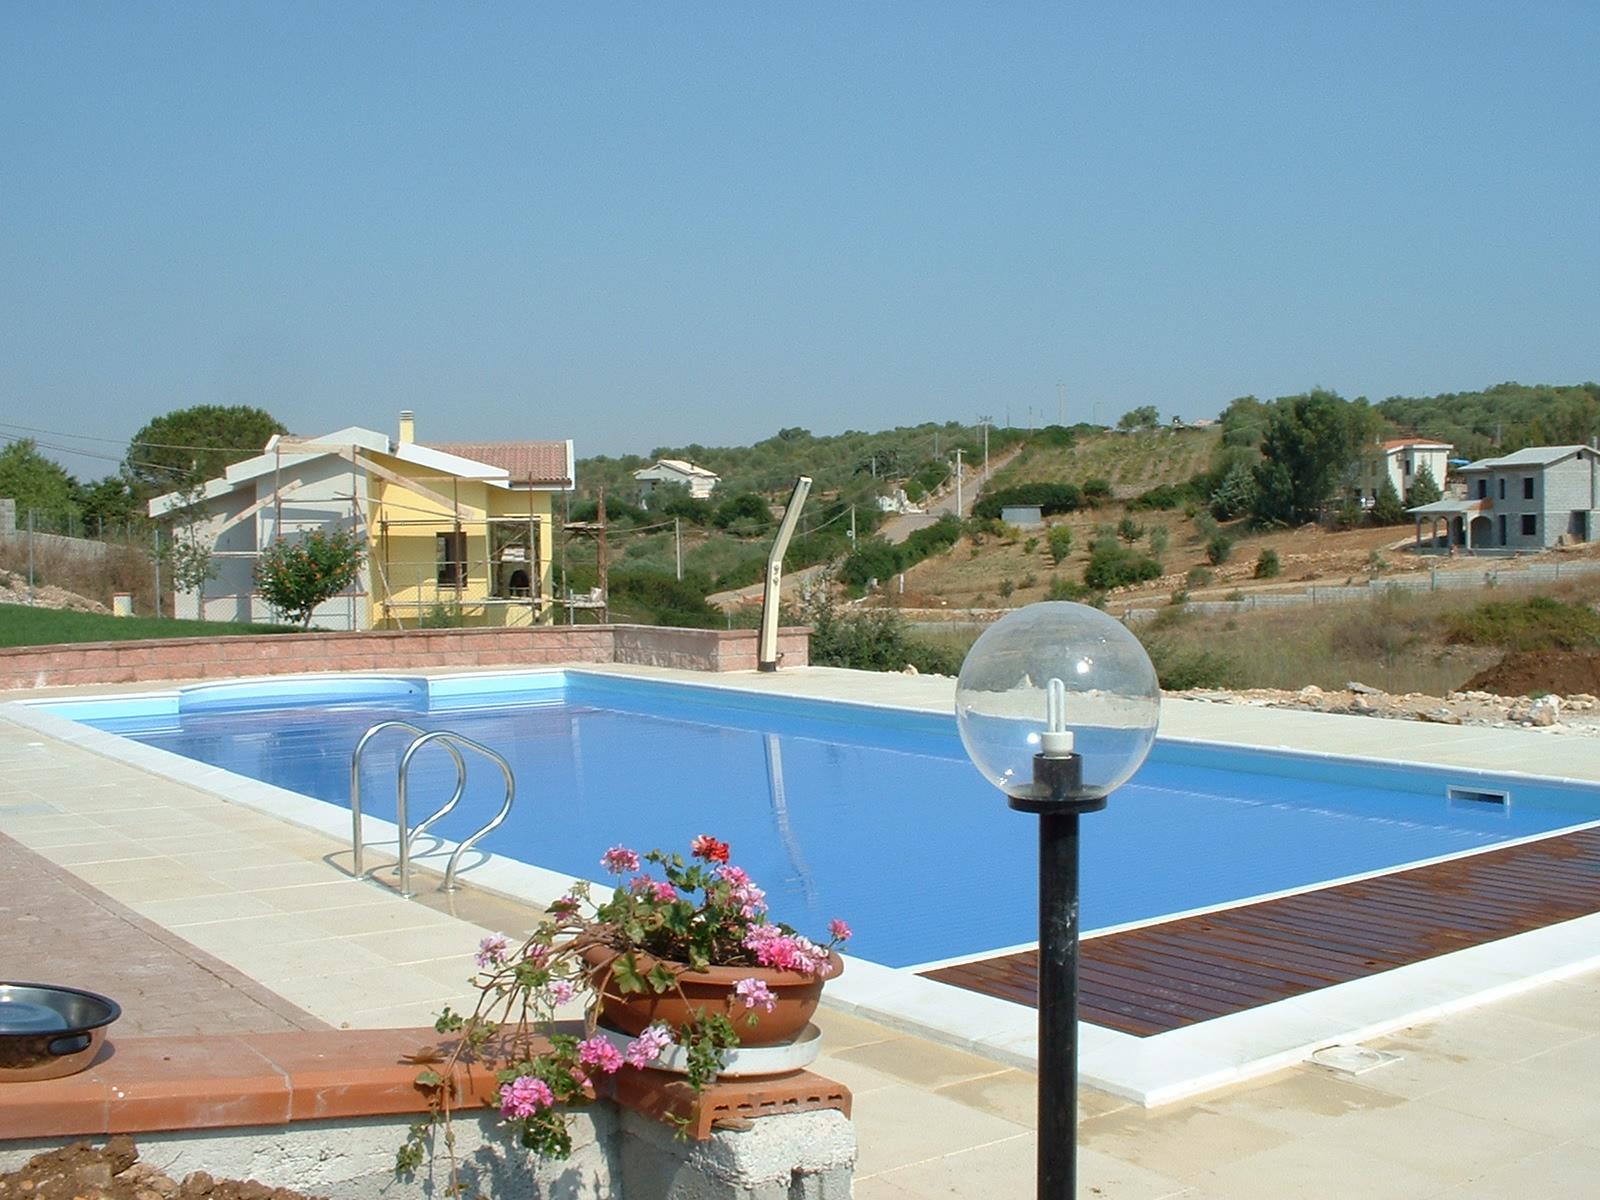 Quanto costa una piscina stunning quanto costa una piscina interrata il prezzo a misura dei - Quanto costa costruire una piscina ...